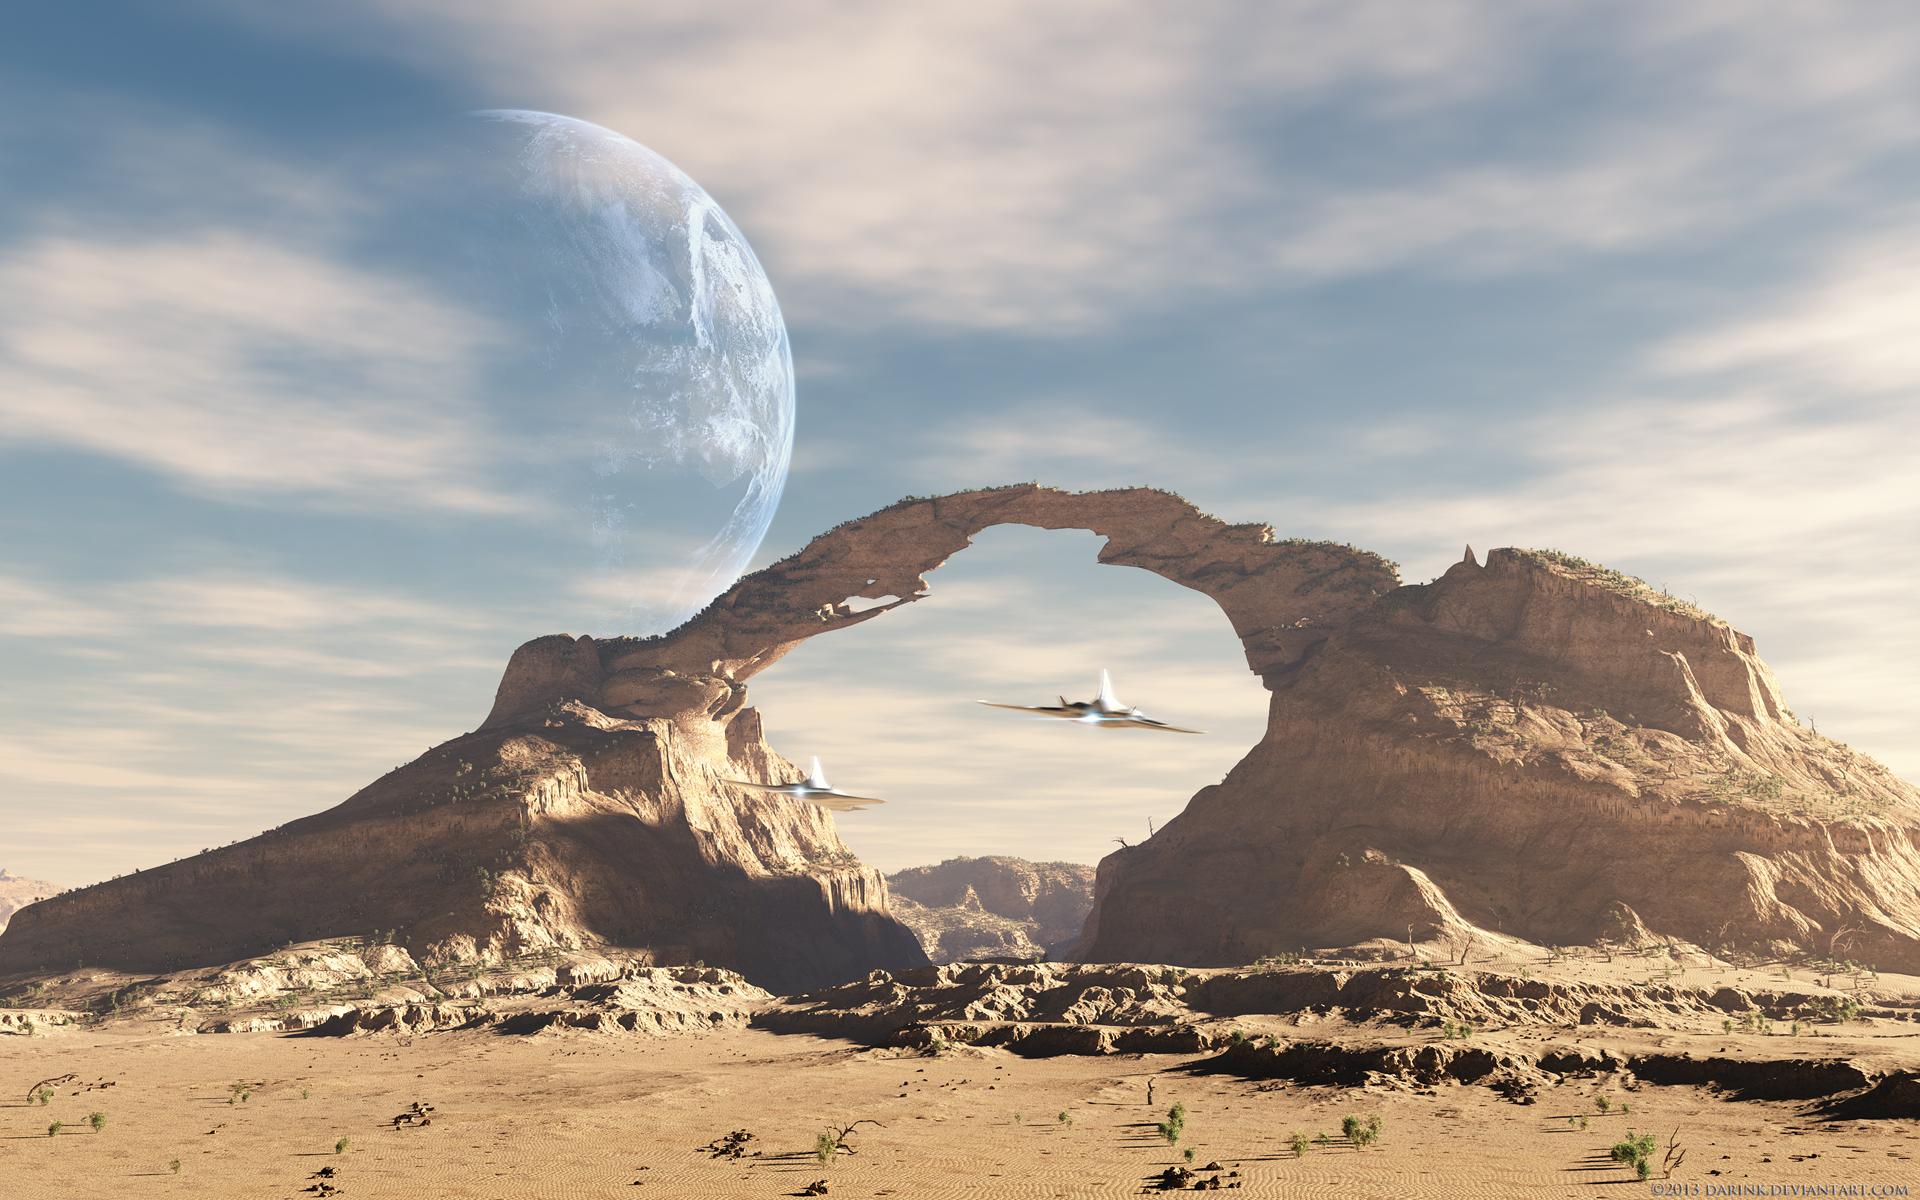 Alien Landscape Wallpaper - WallpaperSafari